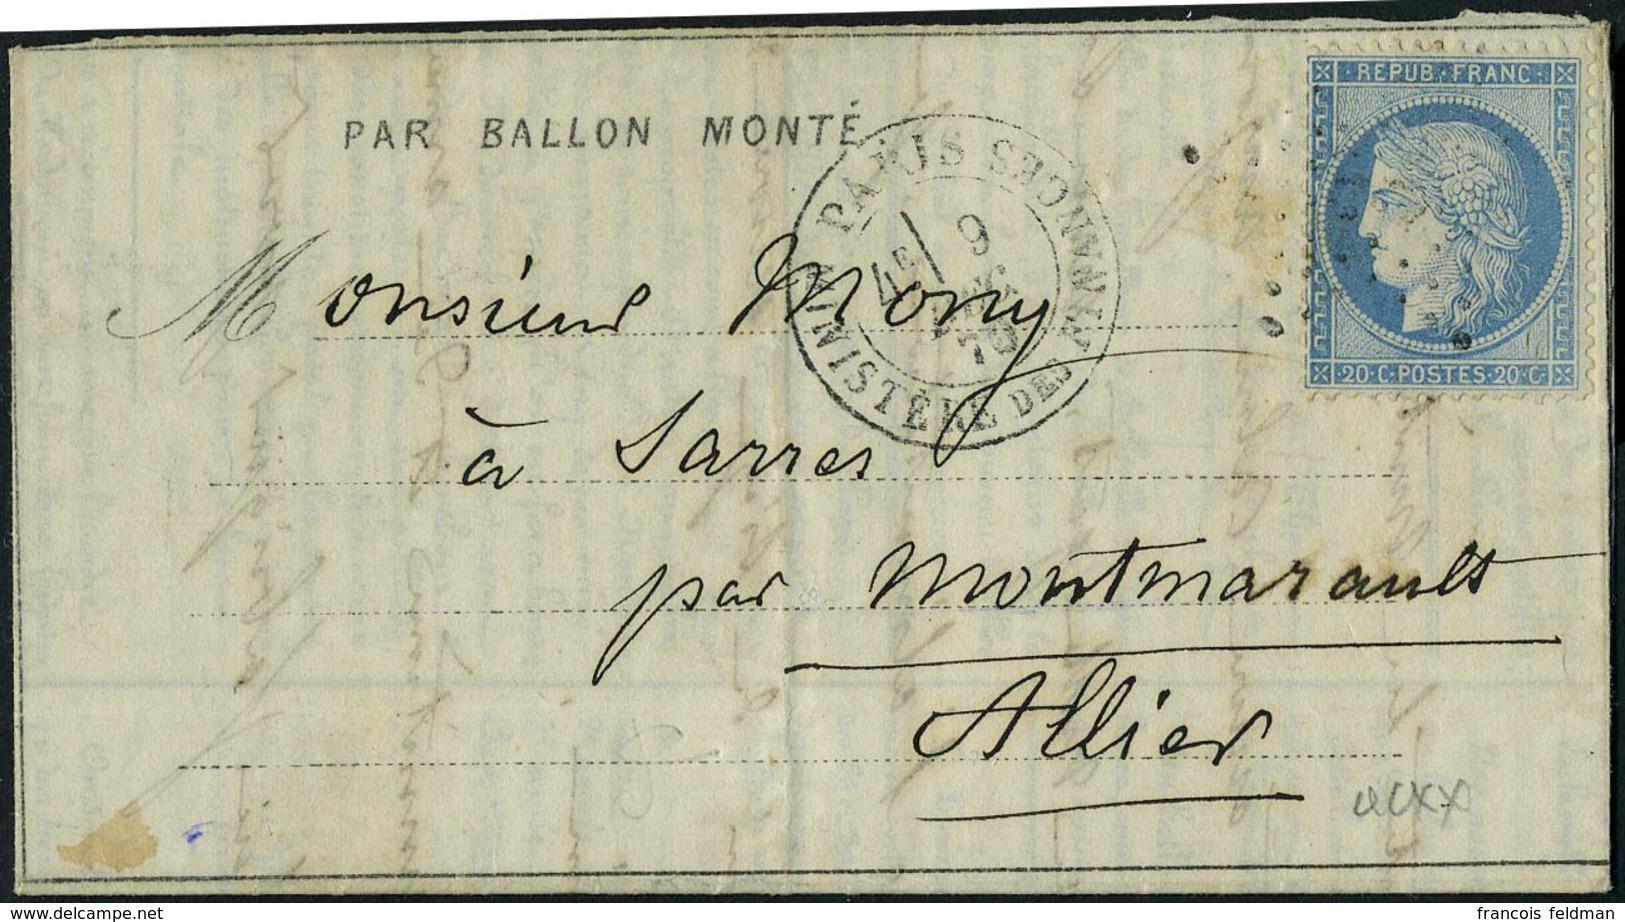 Lettre LE GENERAL RENAULT, Dépêche Ballon N° 13, Départ Paris Ministère Des Finances 9.12.70 4ème Levée Pour Montmarault - Unclassified